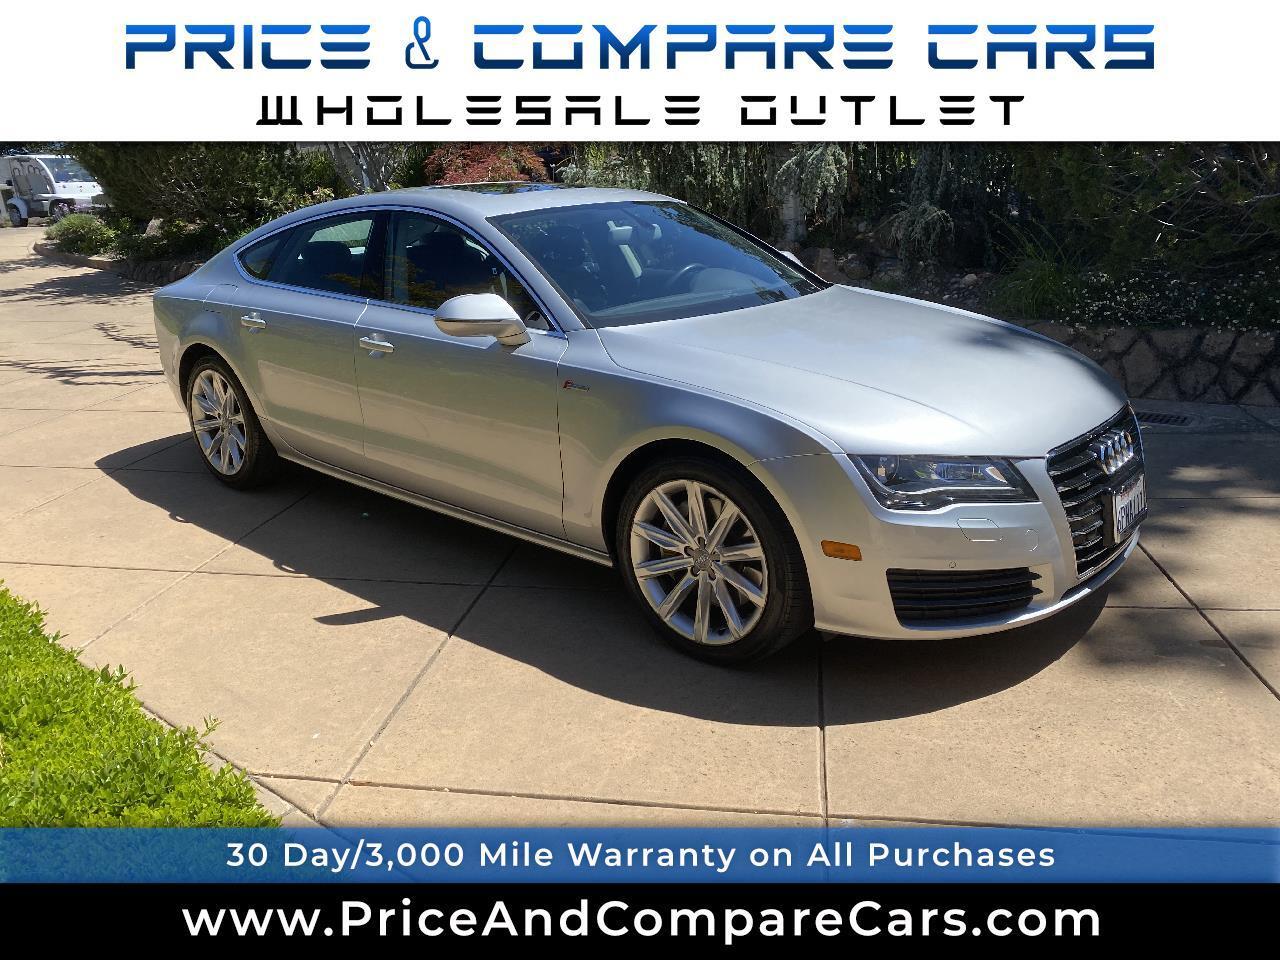 Audi A7 4dr HB quattro 3.0 Premium Plus 2012